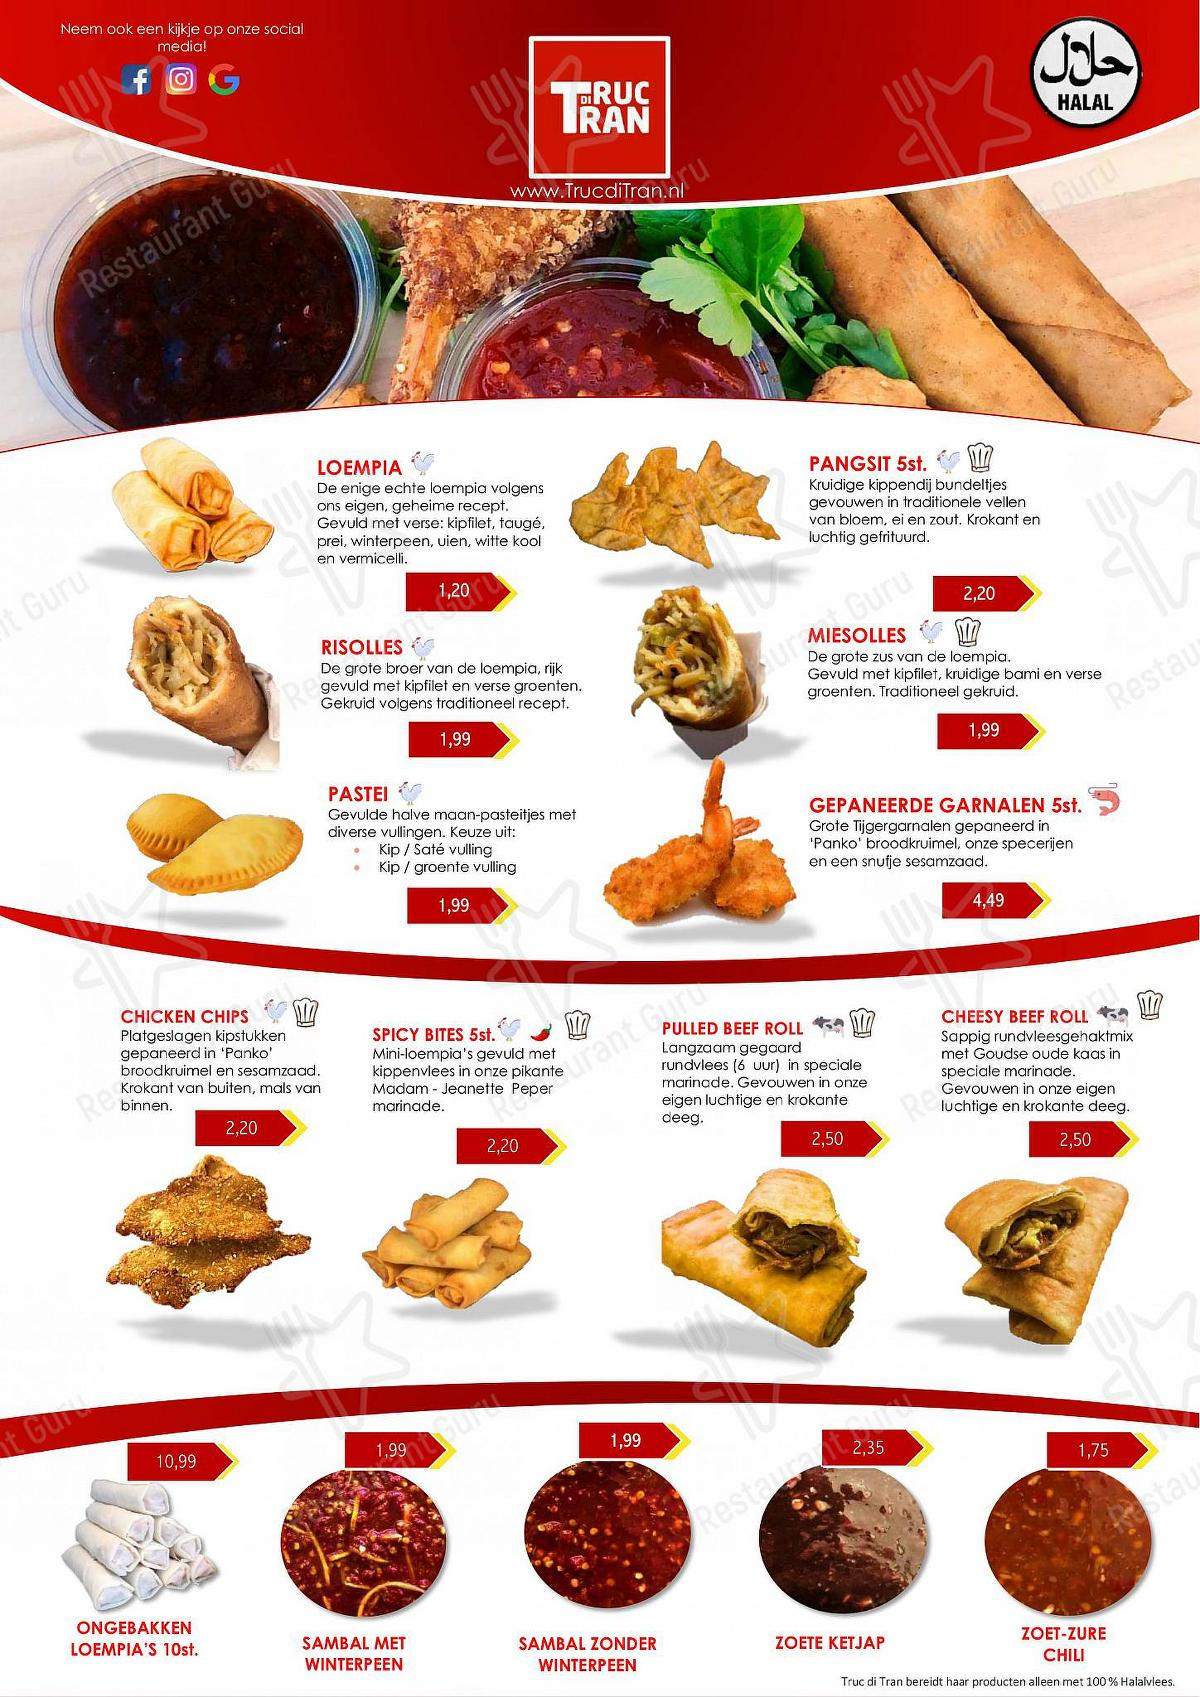 Check out the menu for Truc di Tran